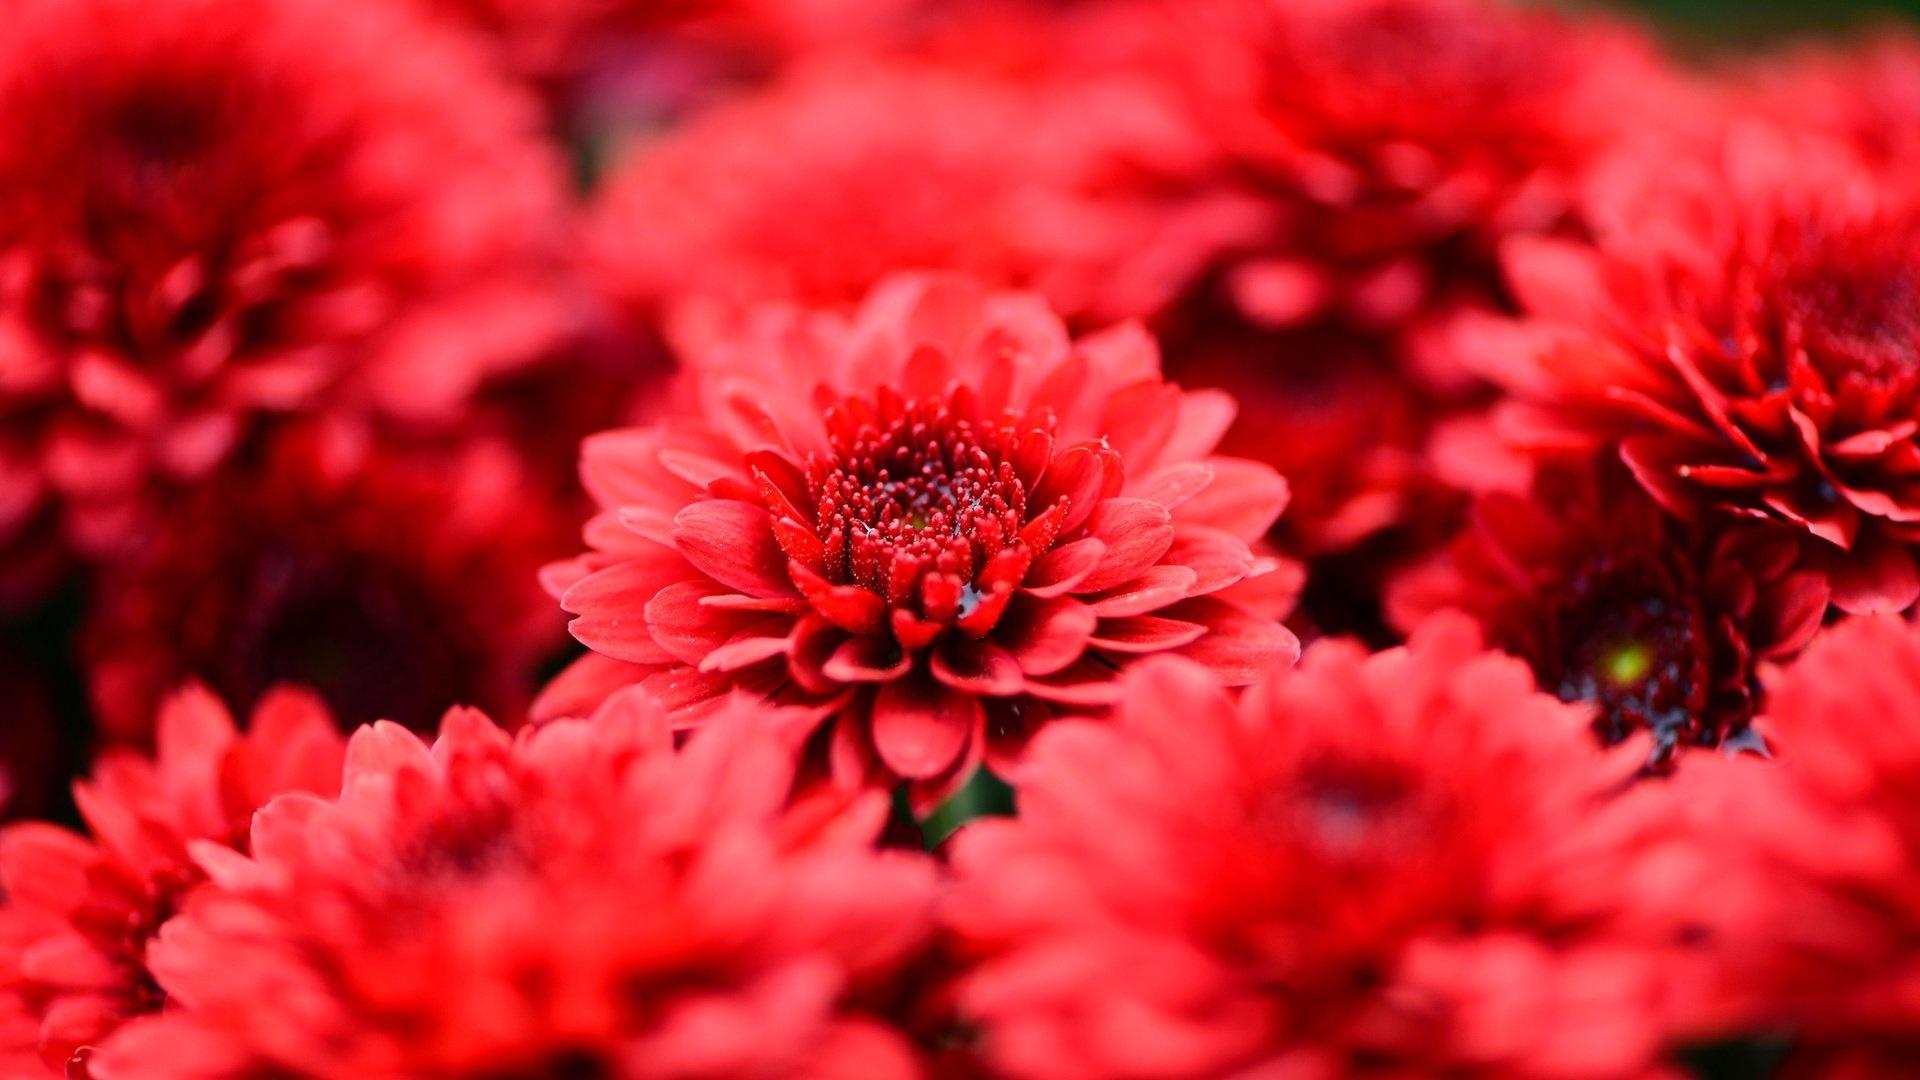 Red Flower Wallpaper for pc